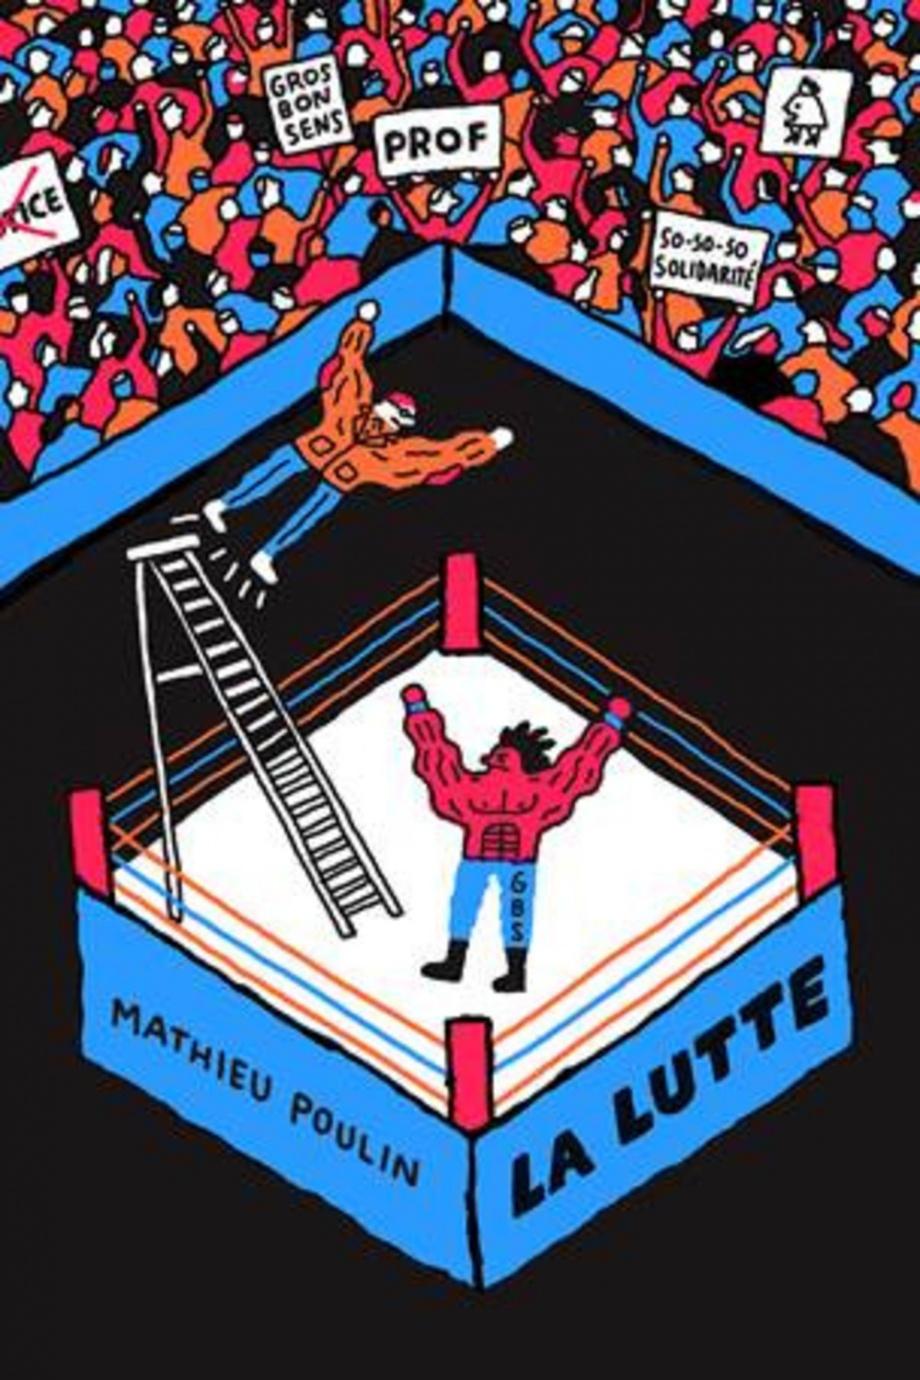 La lutte de Mathieu Poulin